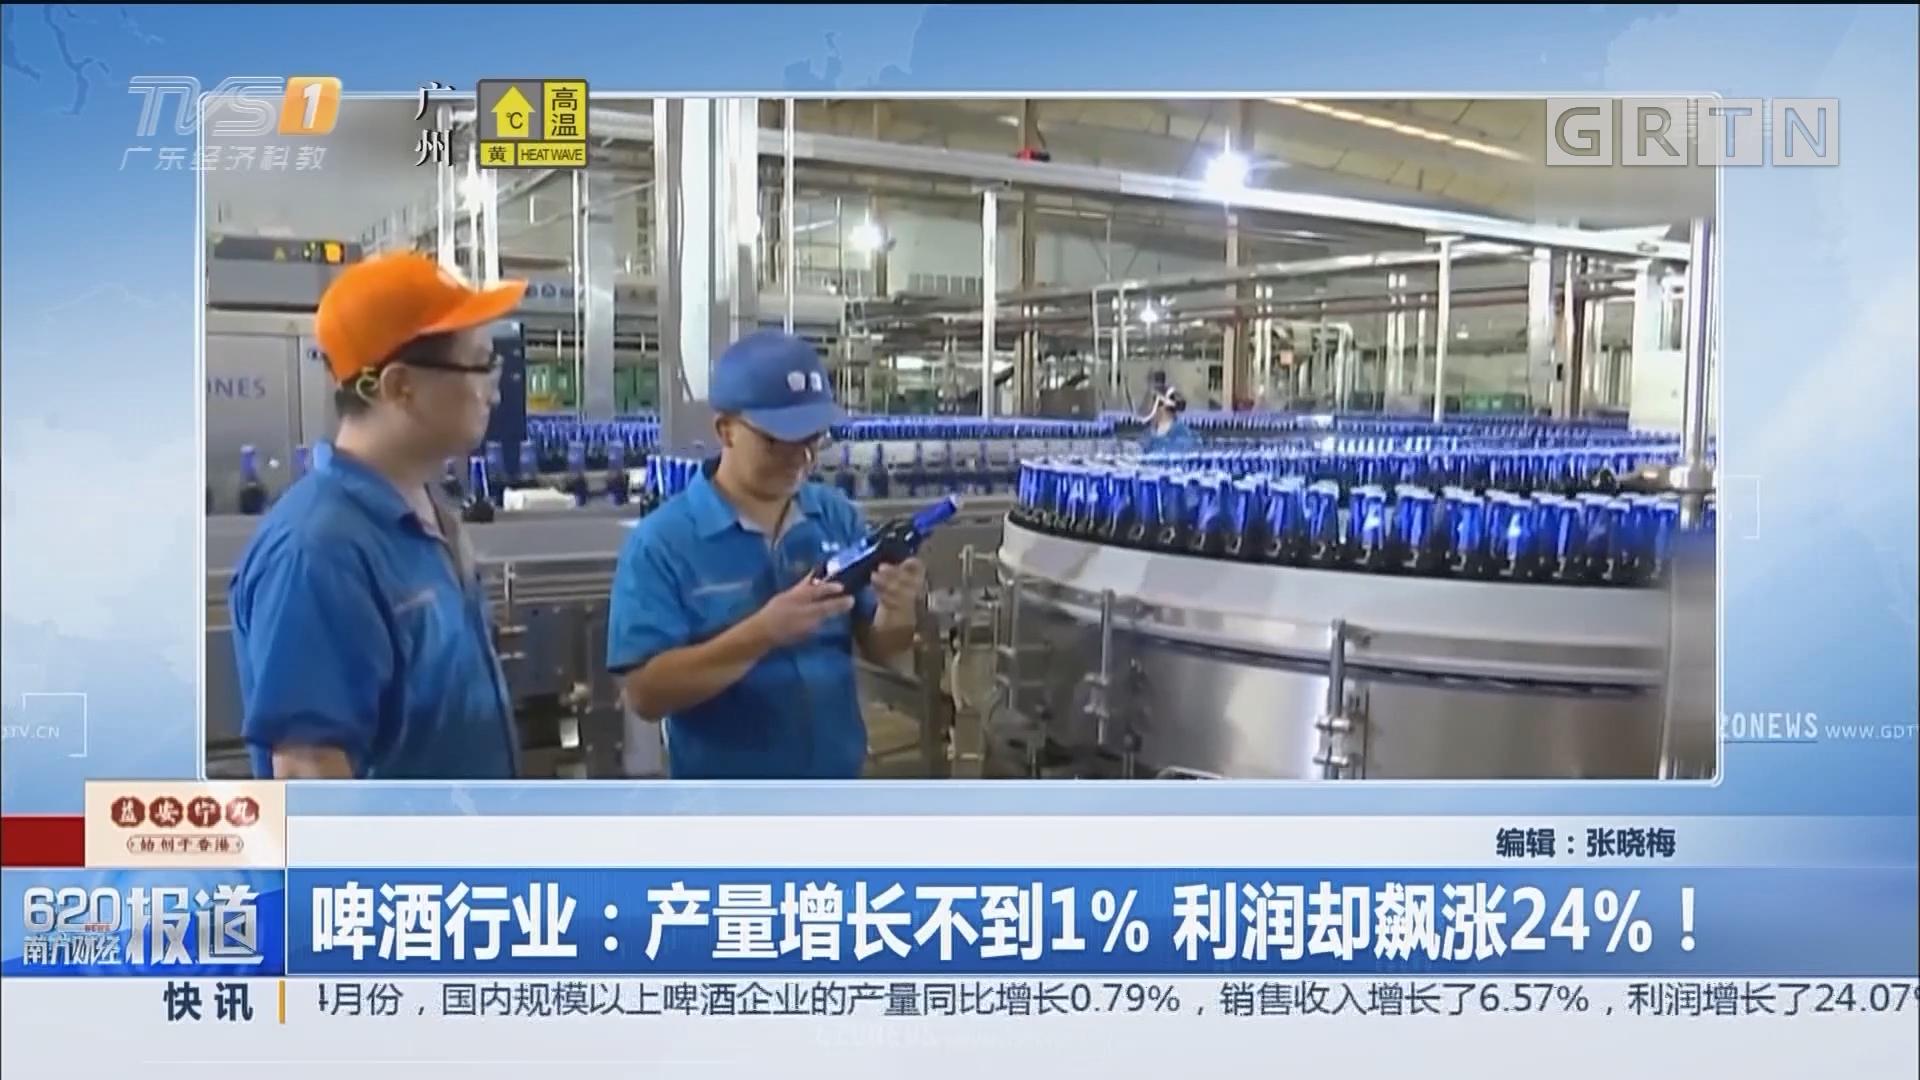 啤酒行业:产量增长不到1% 利润却飙涨24%!